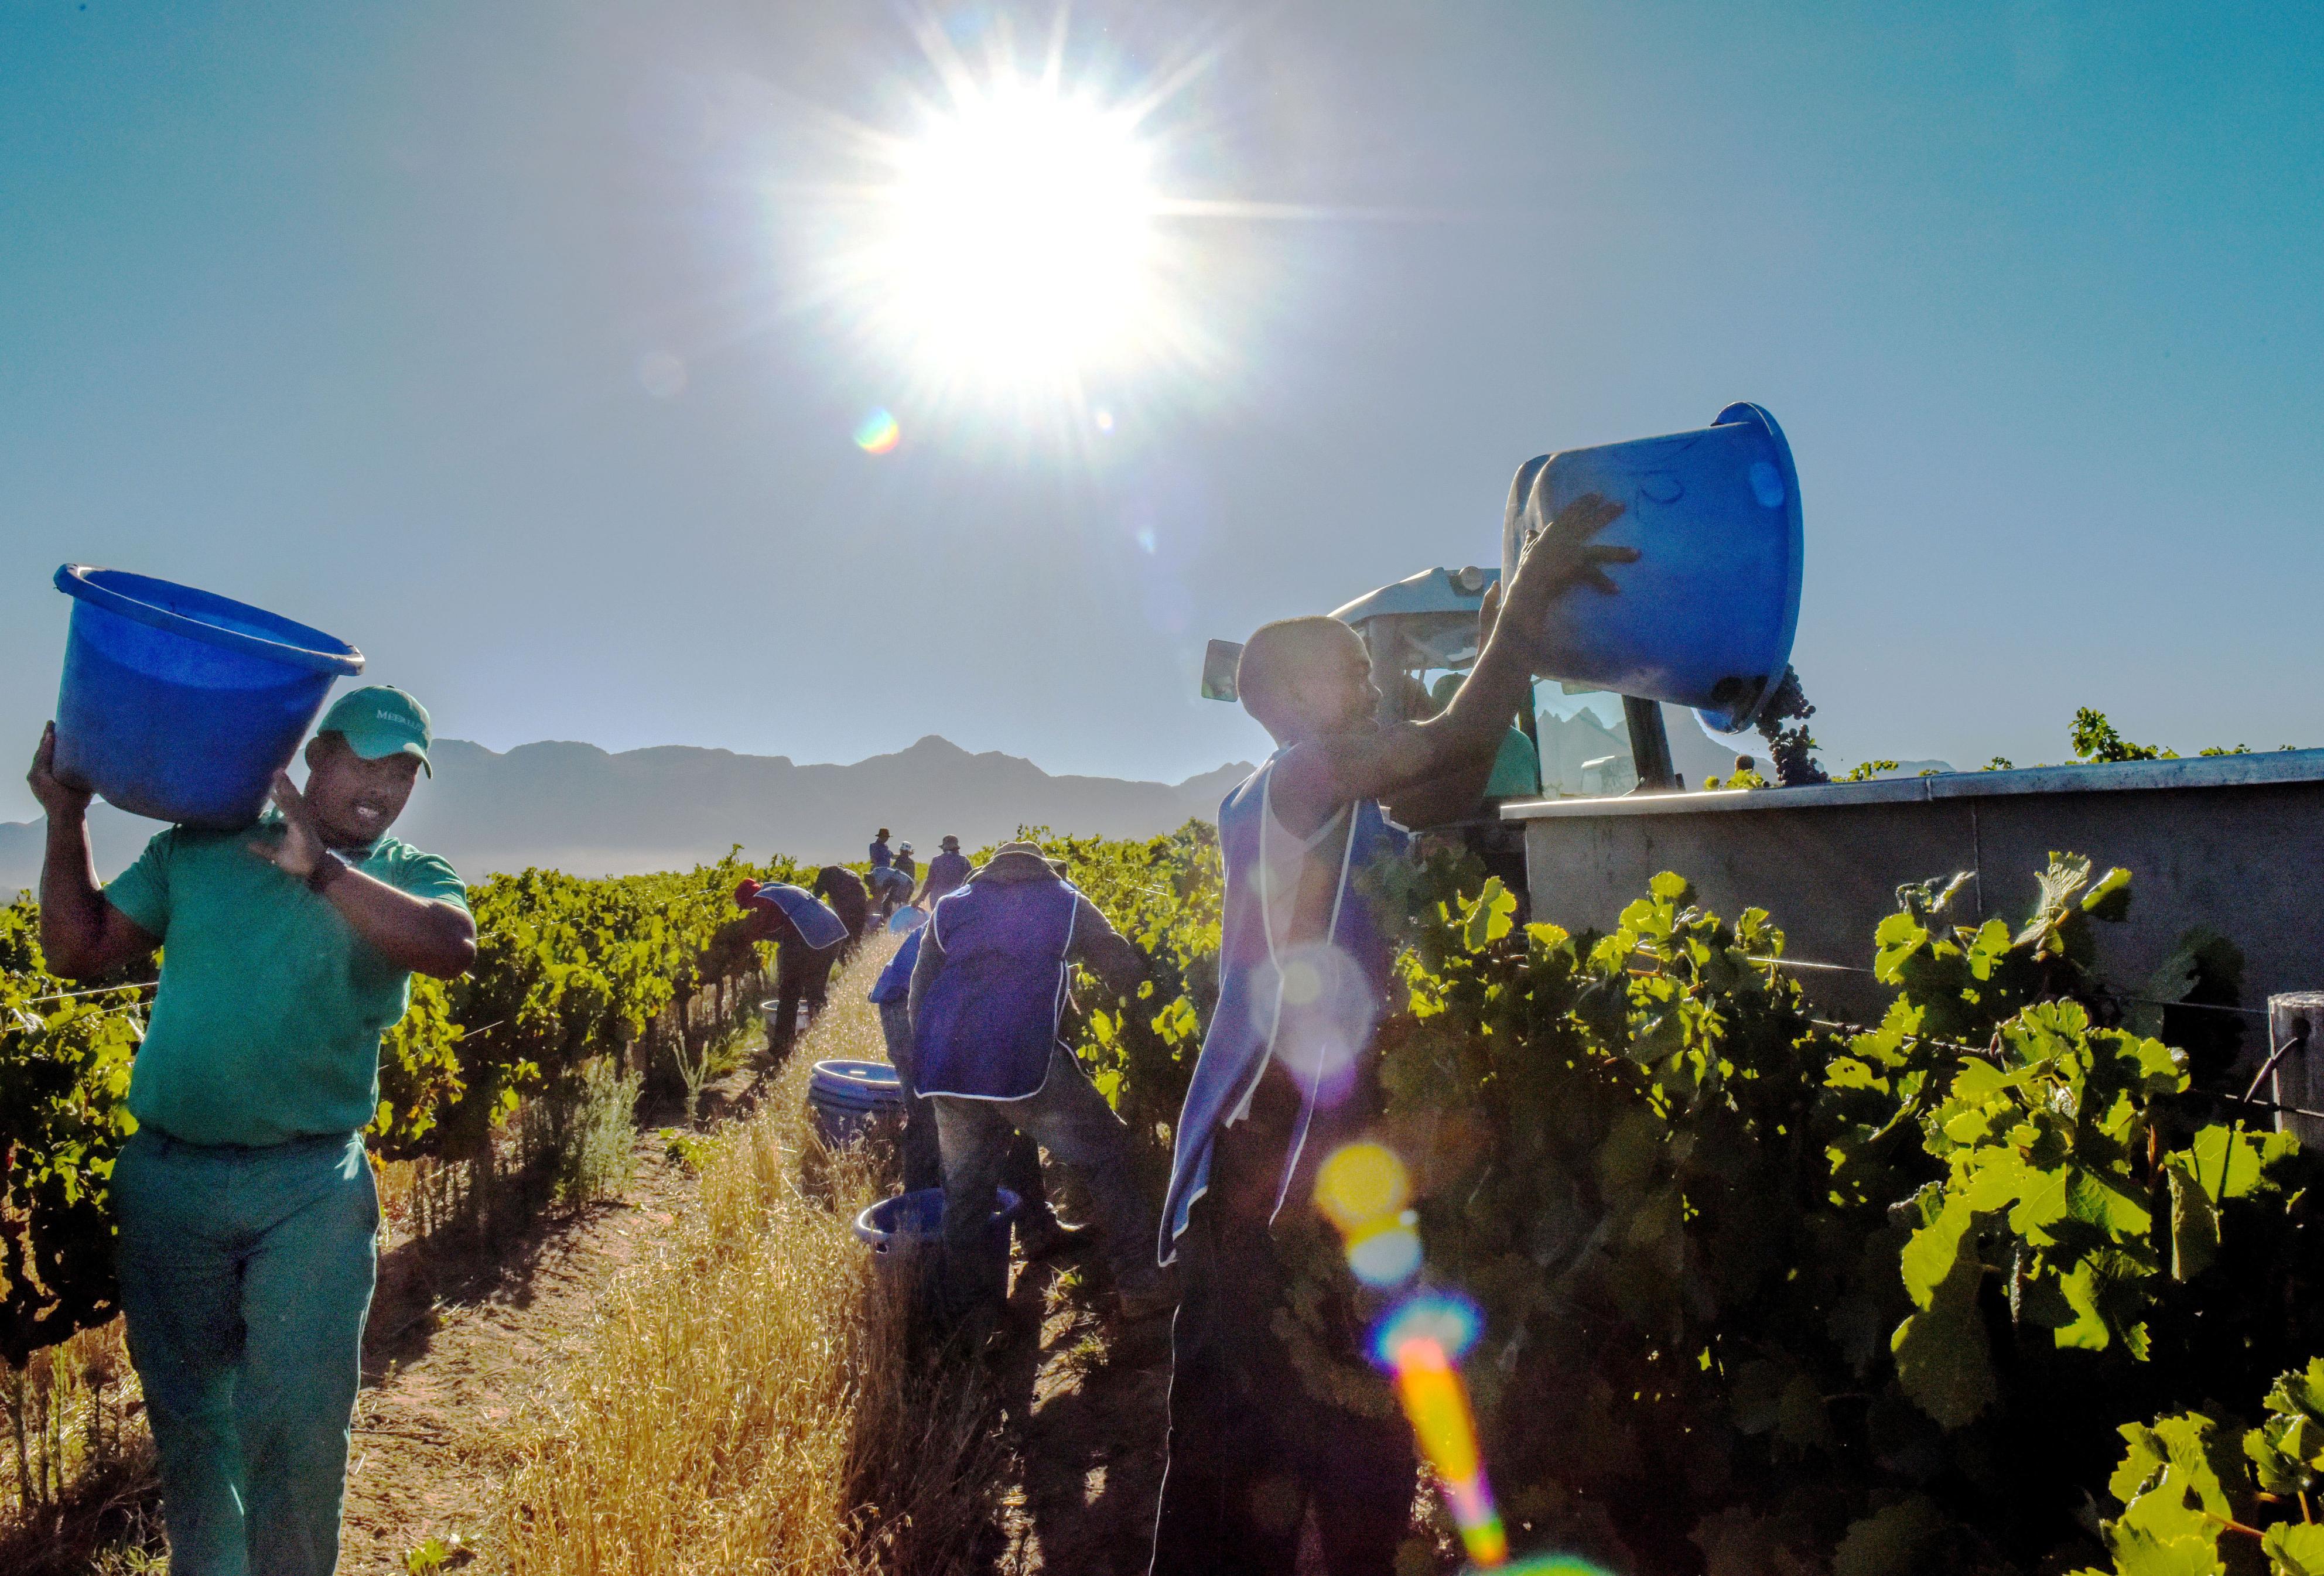 摘まれたワイン原料のブドウが次々にトレーラーの荷台に盛られていく=ステレンボッシュ